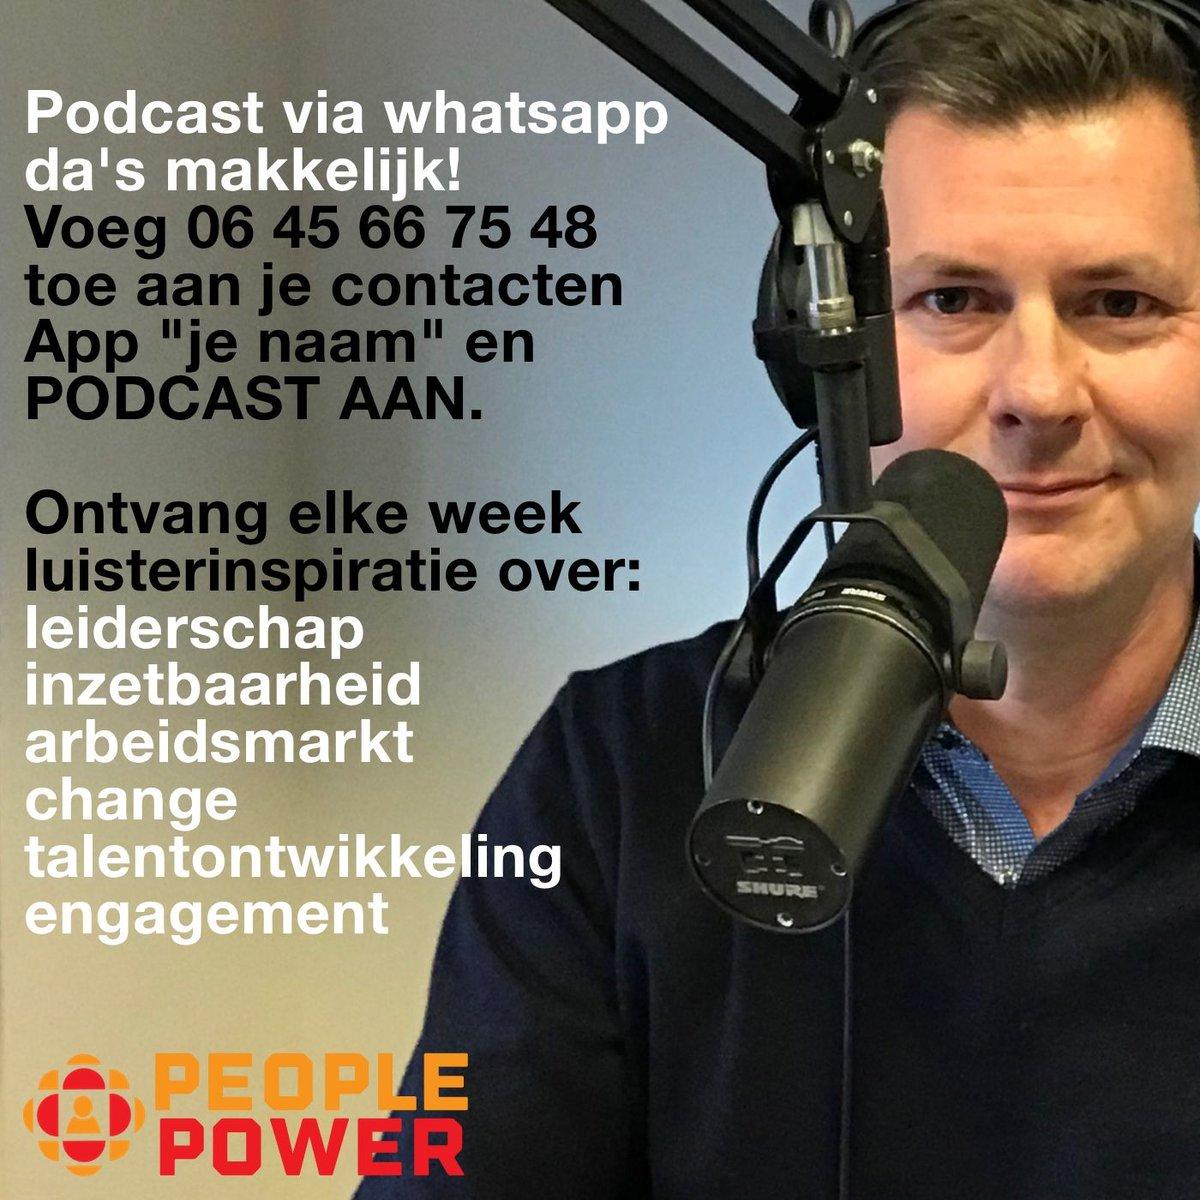 test Twitter Media - Onze verse #podcasts direct op jouw smartphone? Meld je aan voor onze #Whatsapp service! https://t.co/ju6yuCabs3 #podcast #hr #people #leiderschap https://t.co/as6HhWzp79